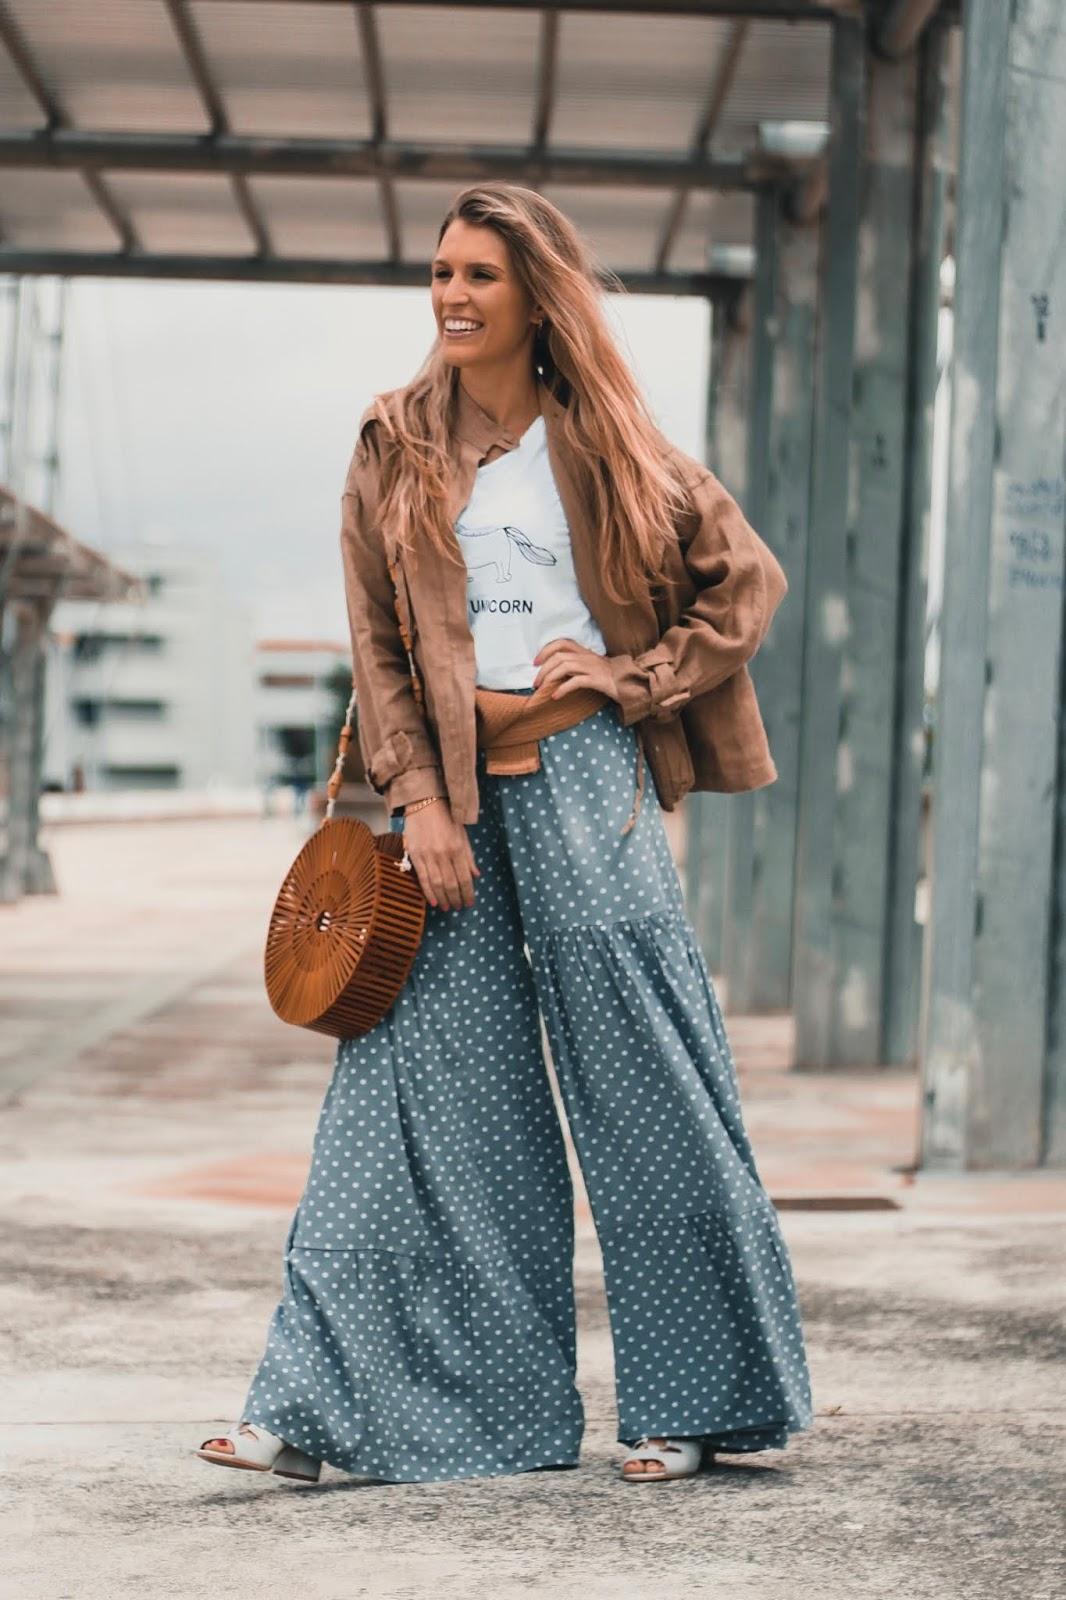 como llevar pantalones lunares 2018